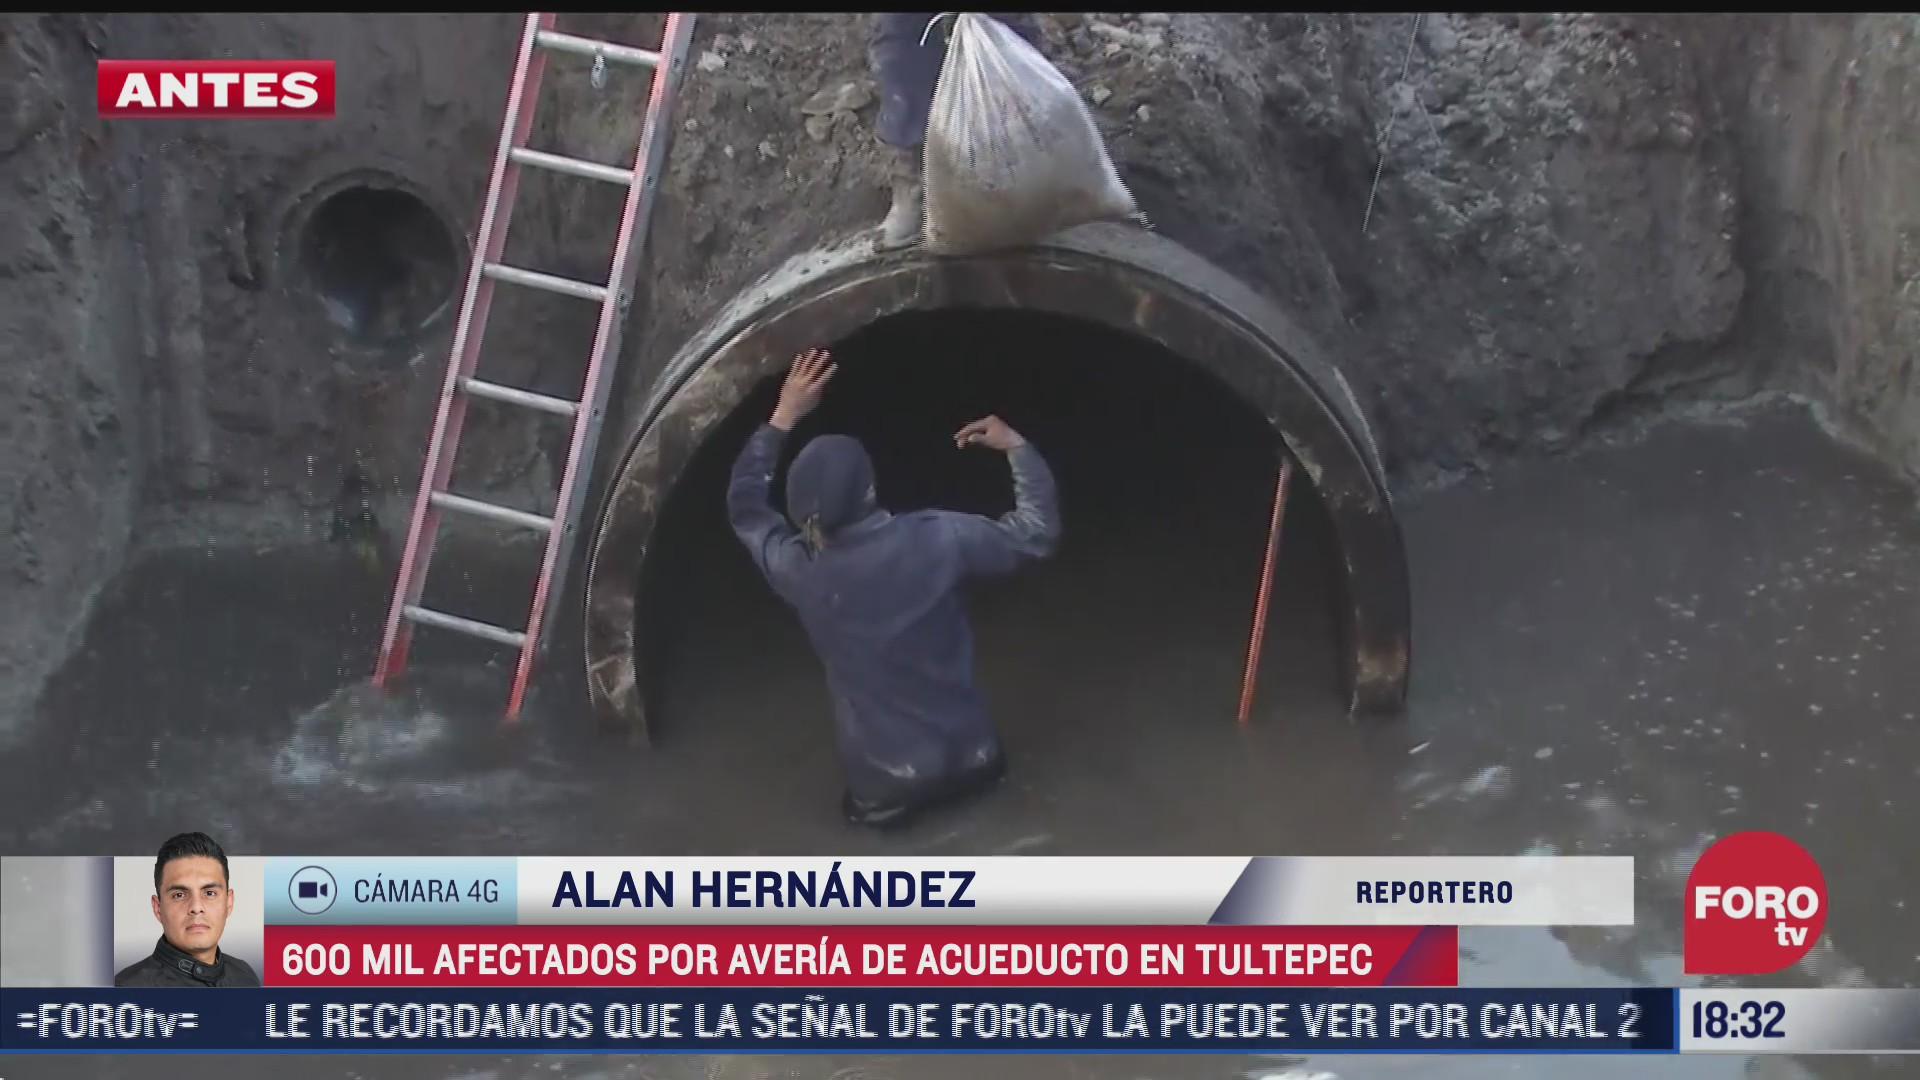 averia en acueducto en tultepec deja al menos 600 mil afectados